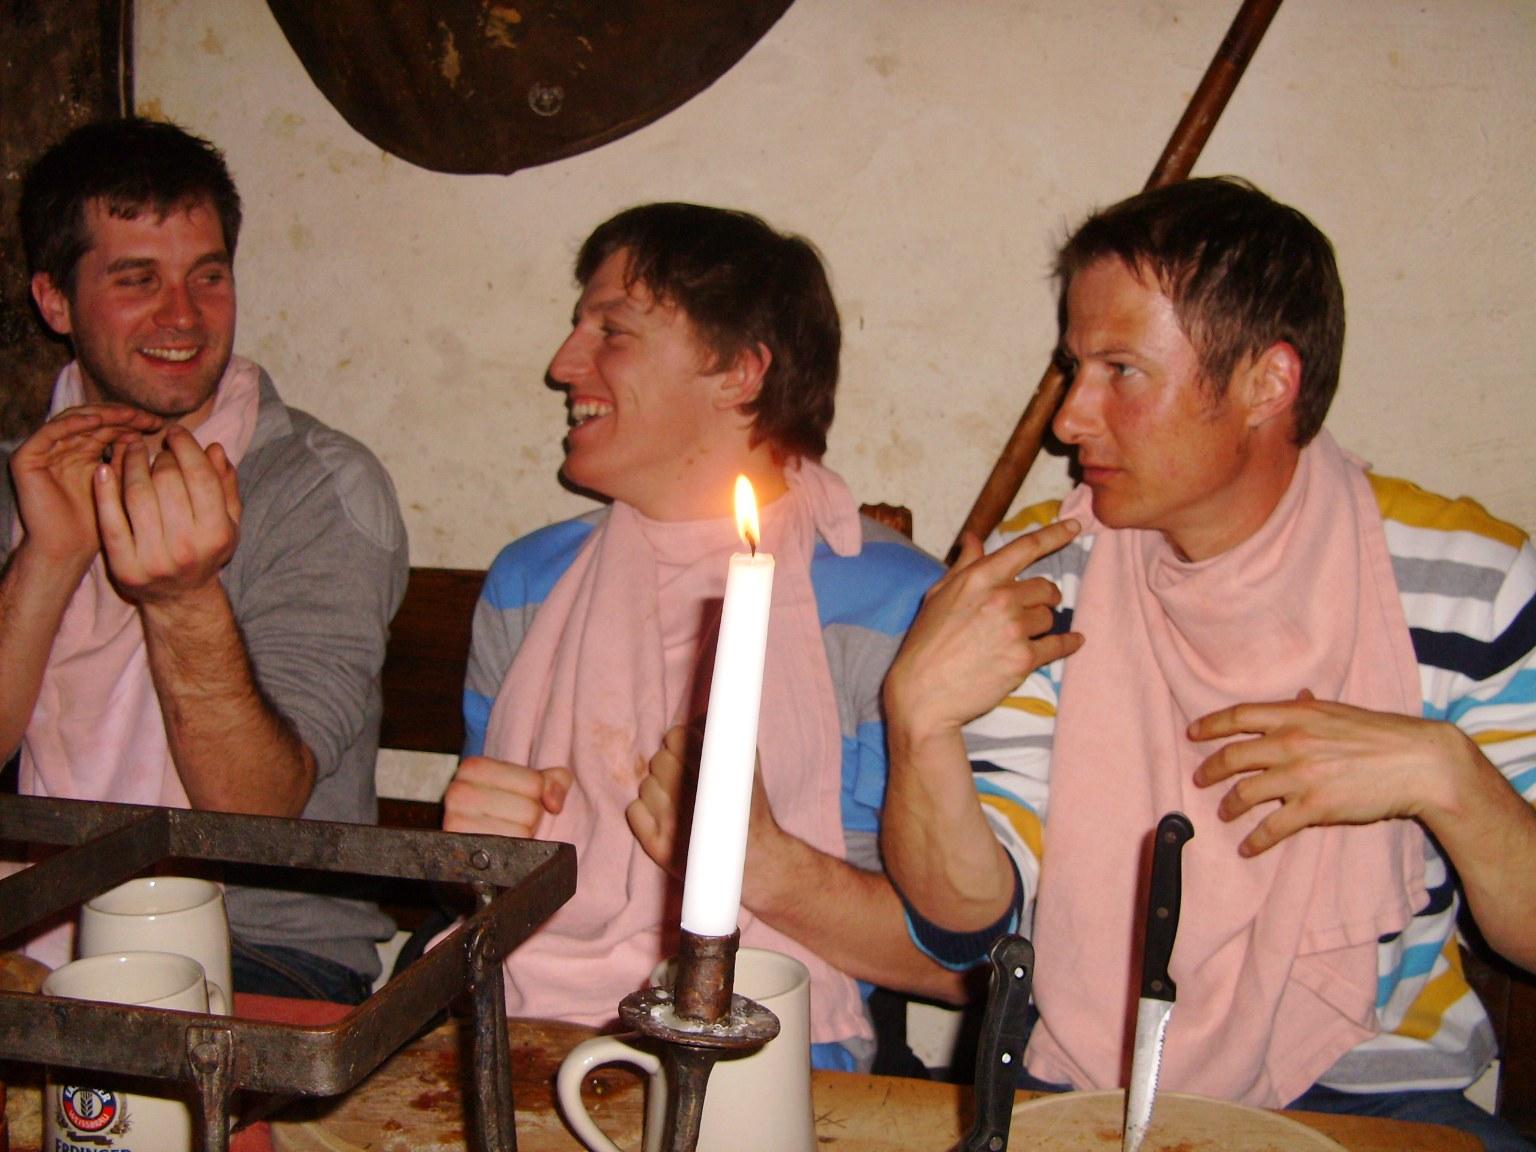 swingerclub regensburg dreier erfahrungsberichte